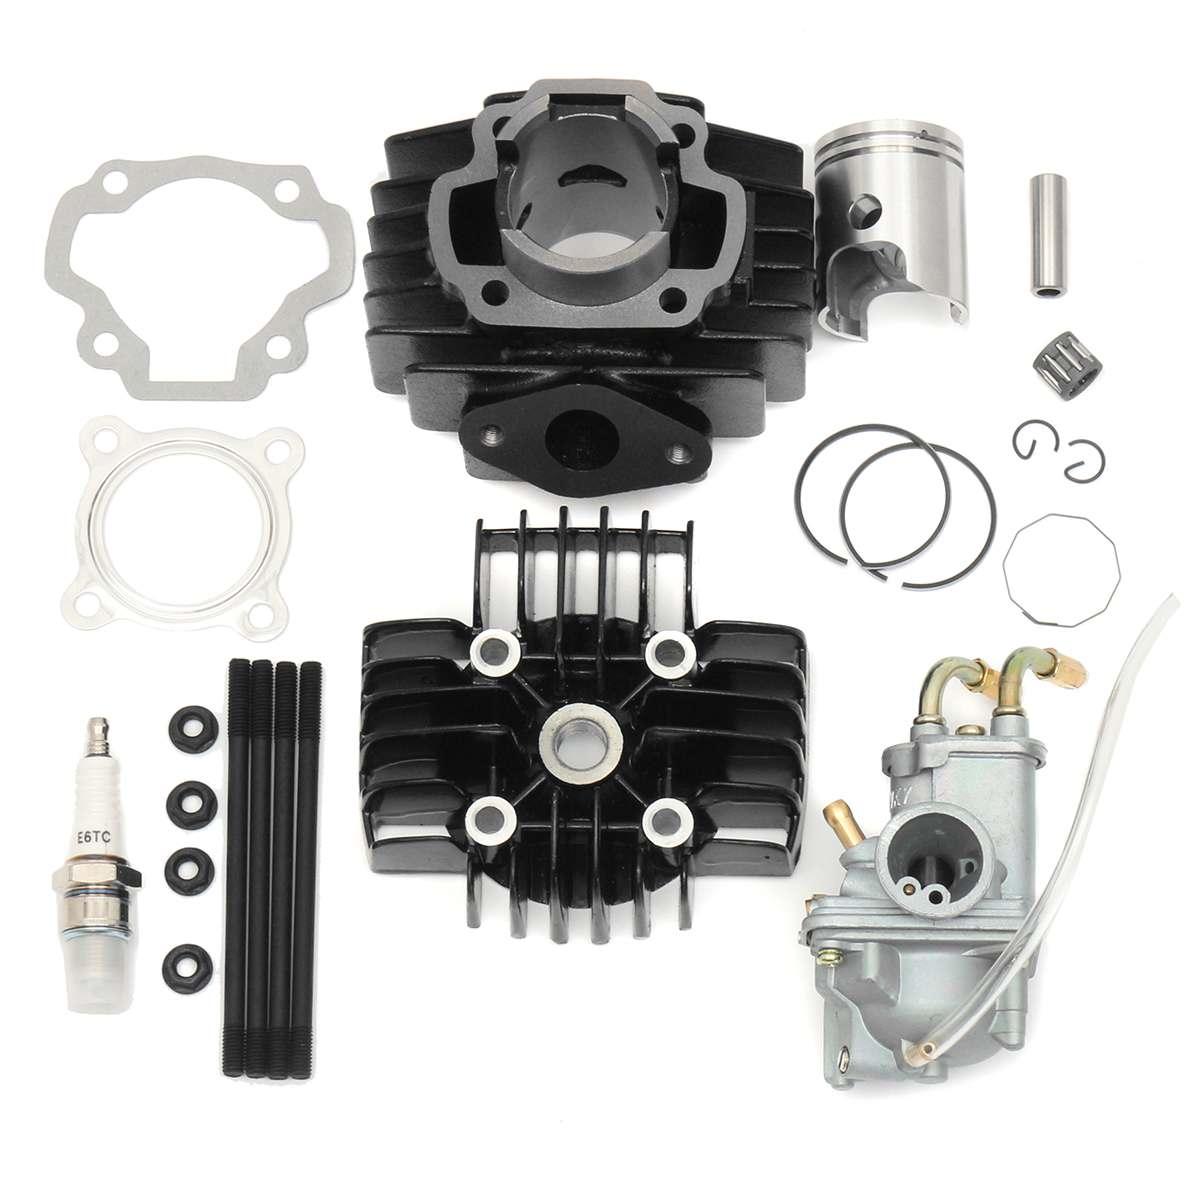 Carburetor Cylinder Piston Ring Gasket Top End Kit For Yamaha PW 50 PW50 1981- 2009